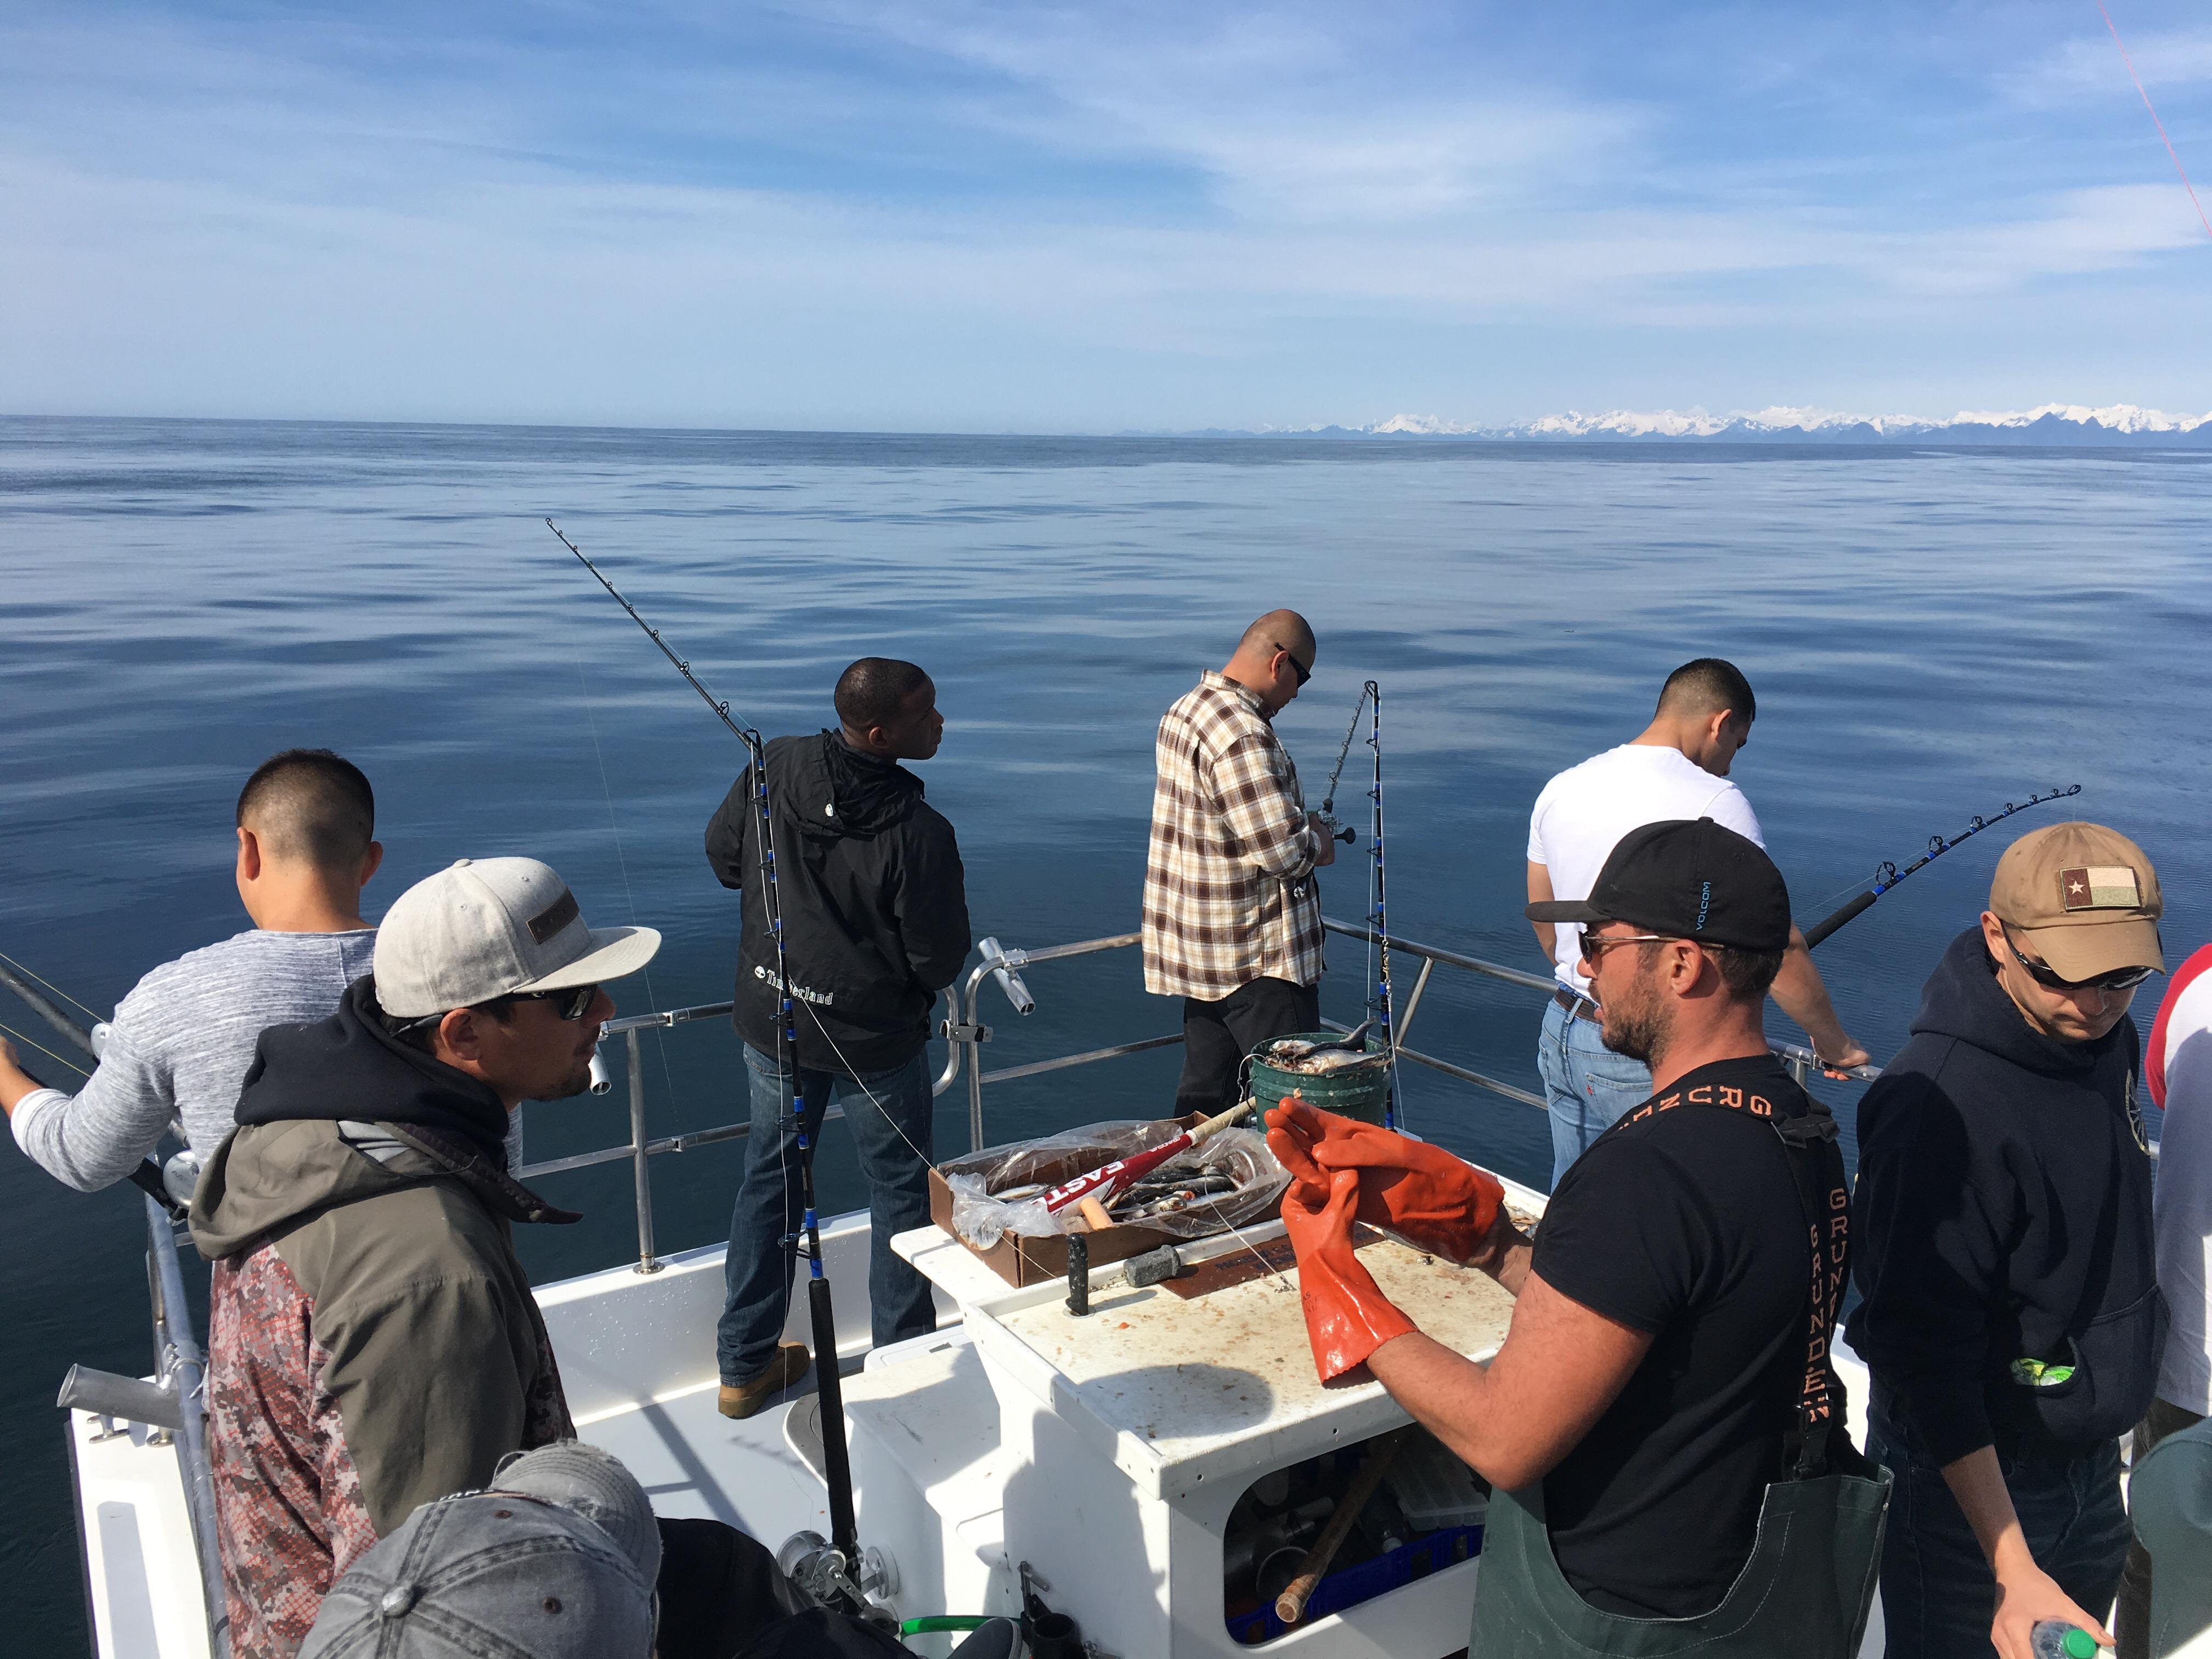 Combat fishing tourney 2016 profish n sea for Seward alaska fishing